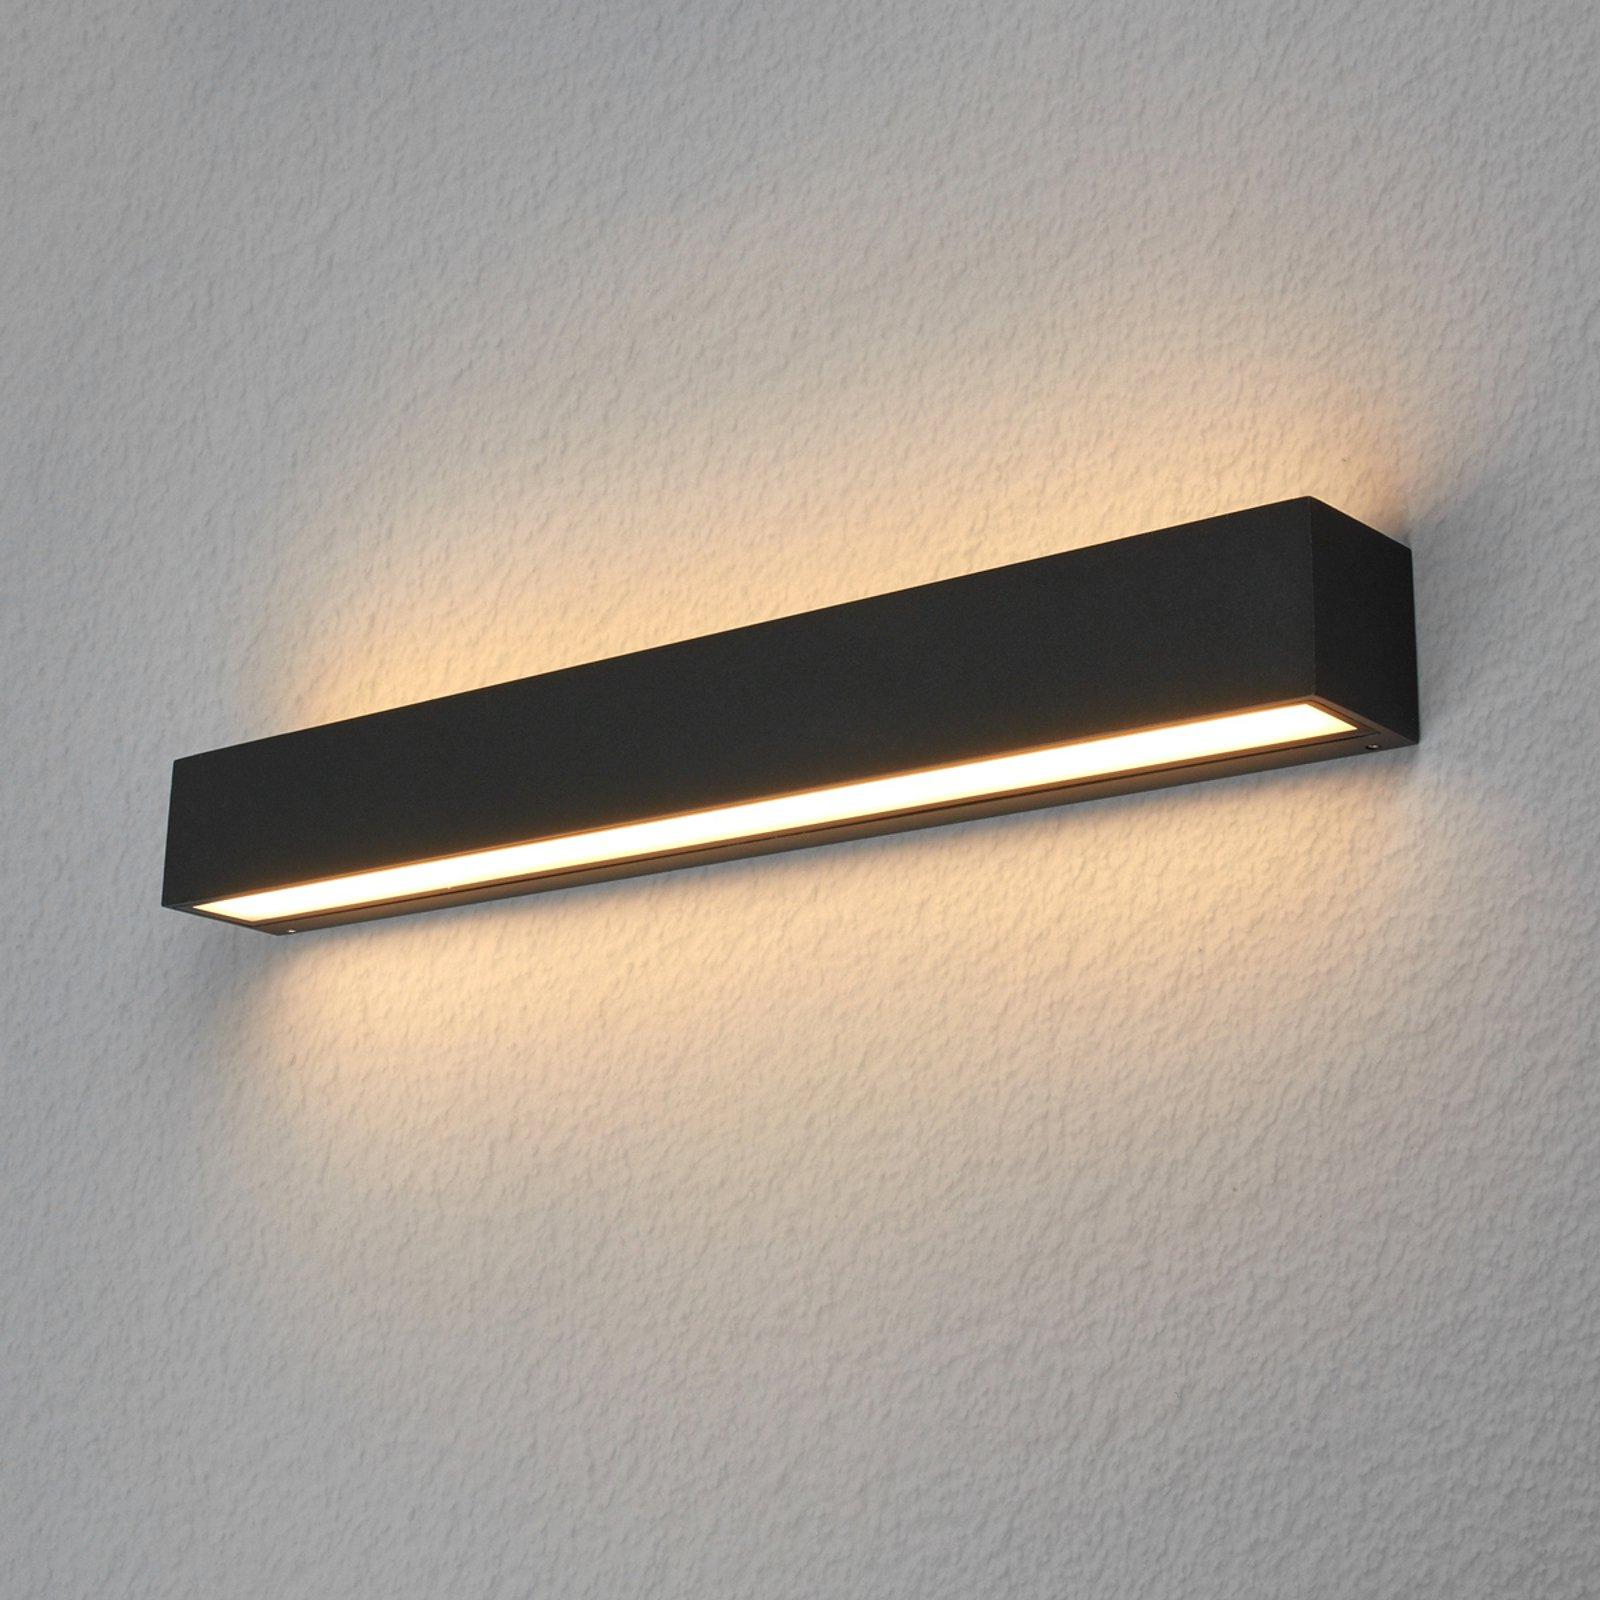 Kantet utendørs LED-vegglampe Tuana